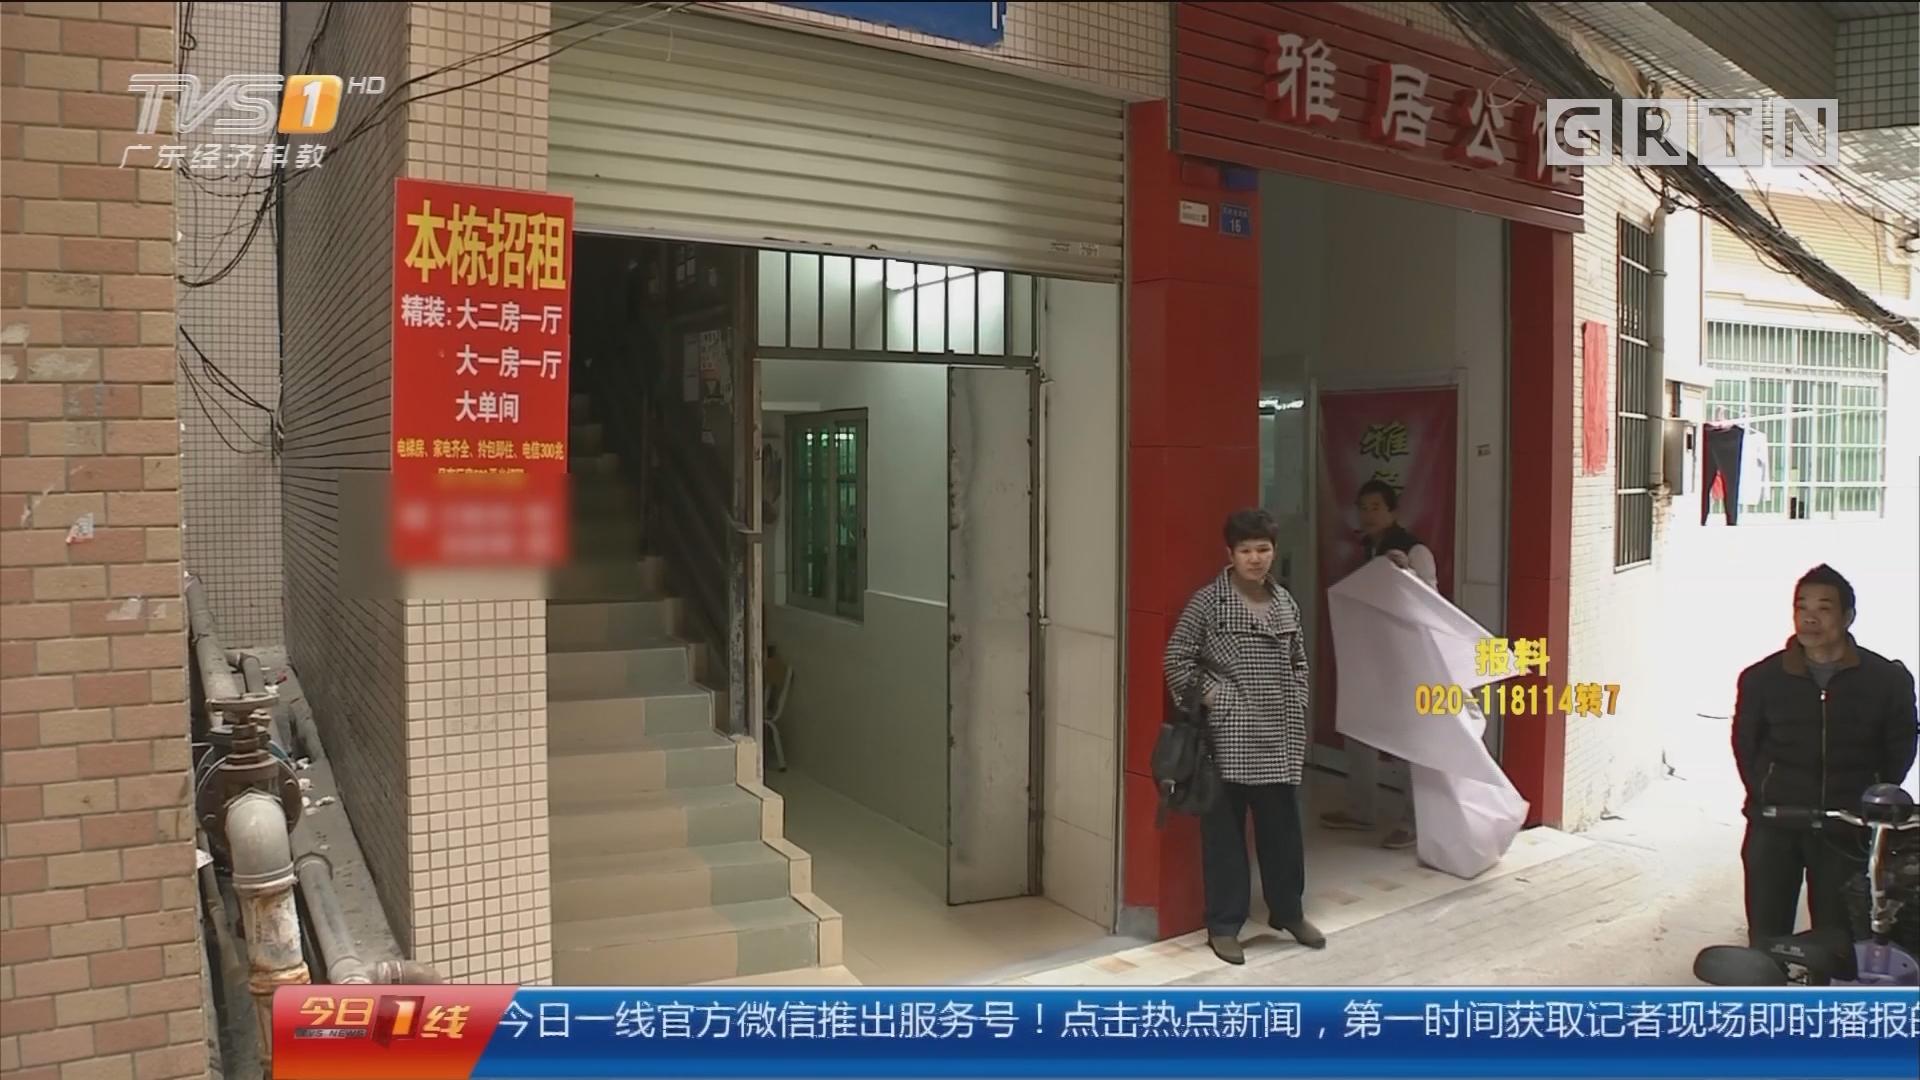 广州番禺:缩骨功+隐身术?离奇的失窃案